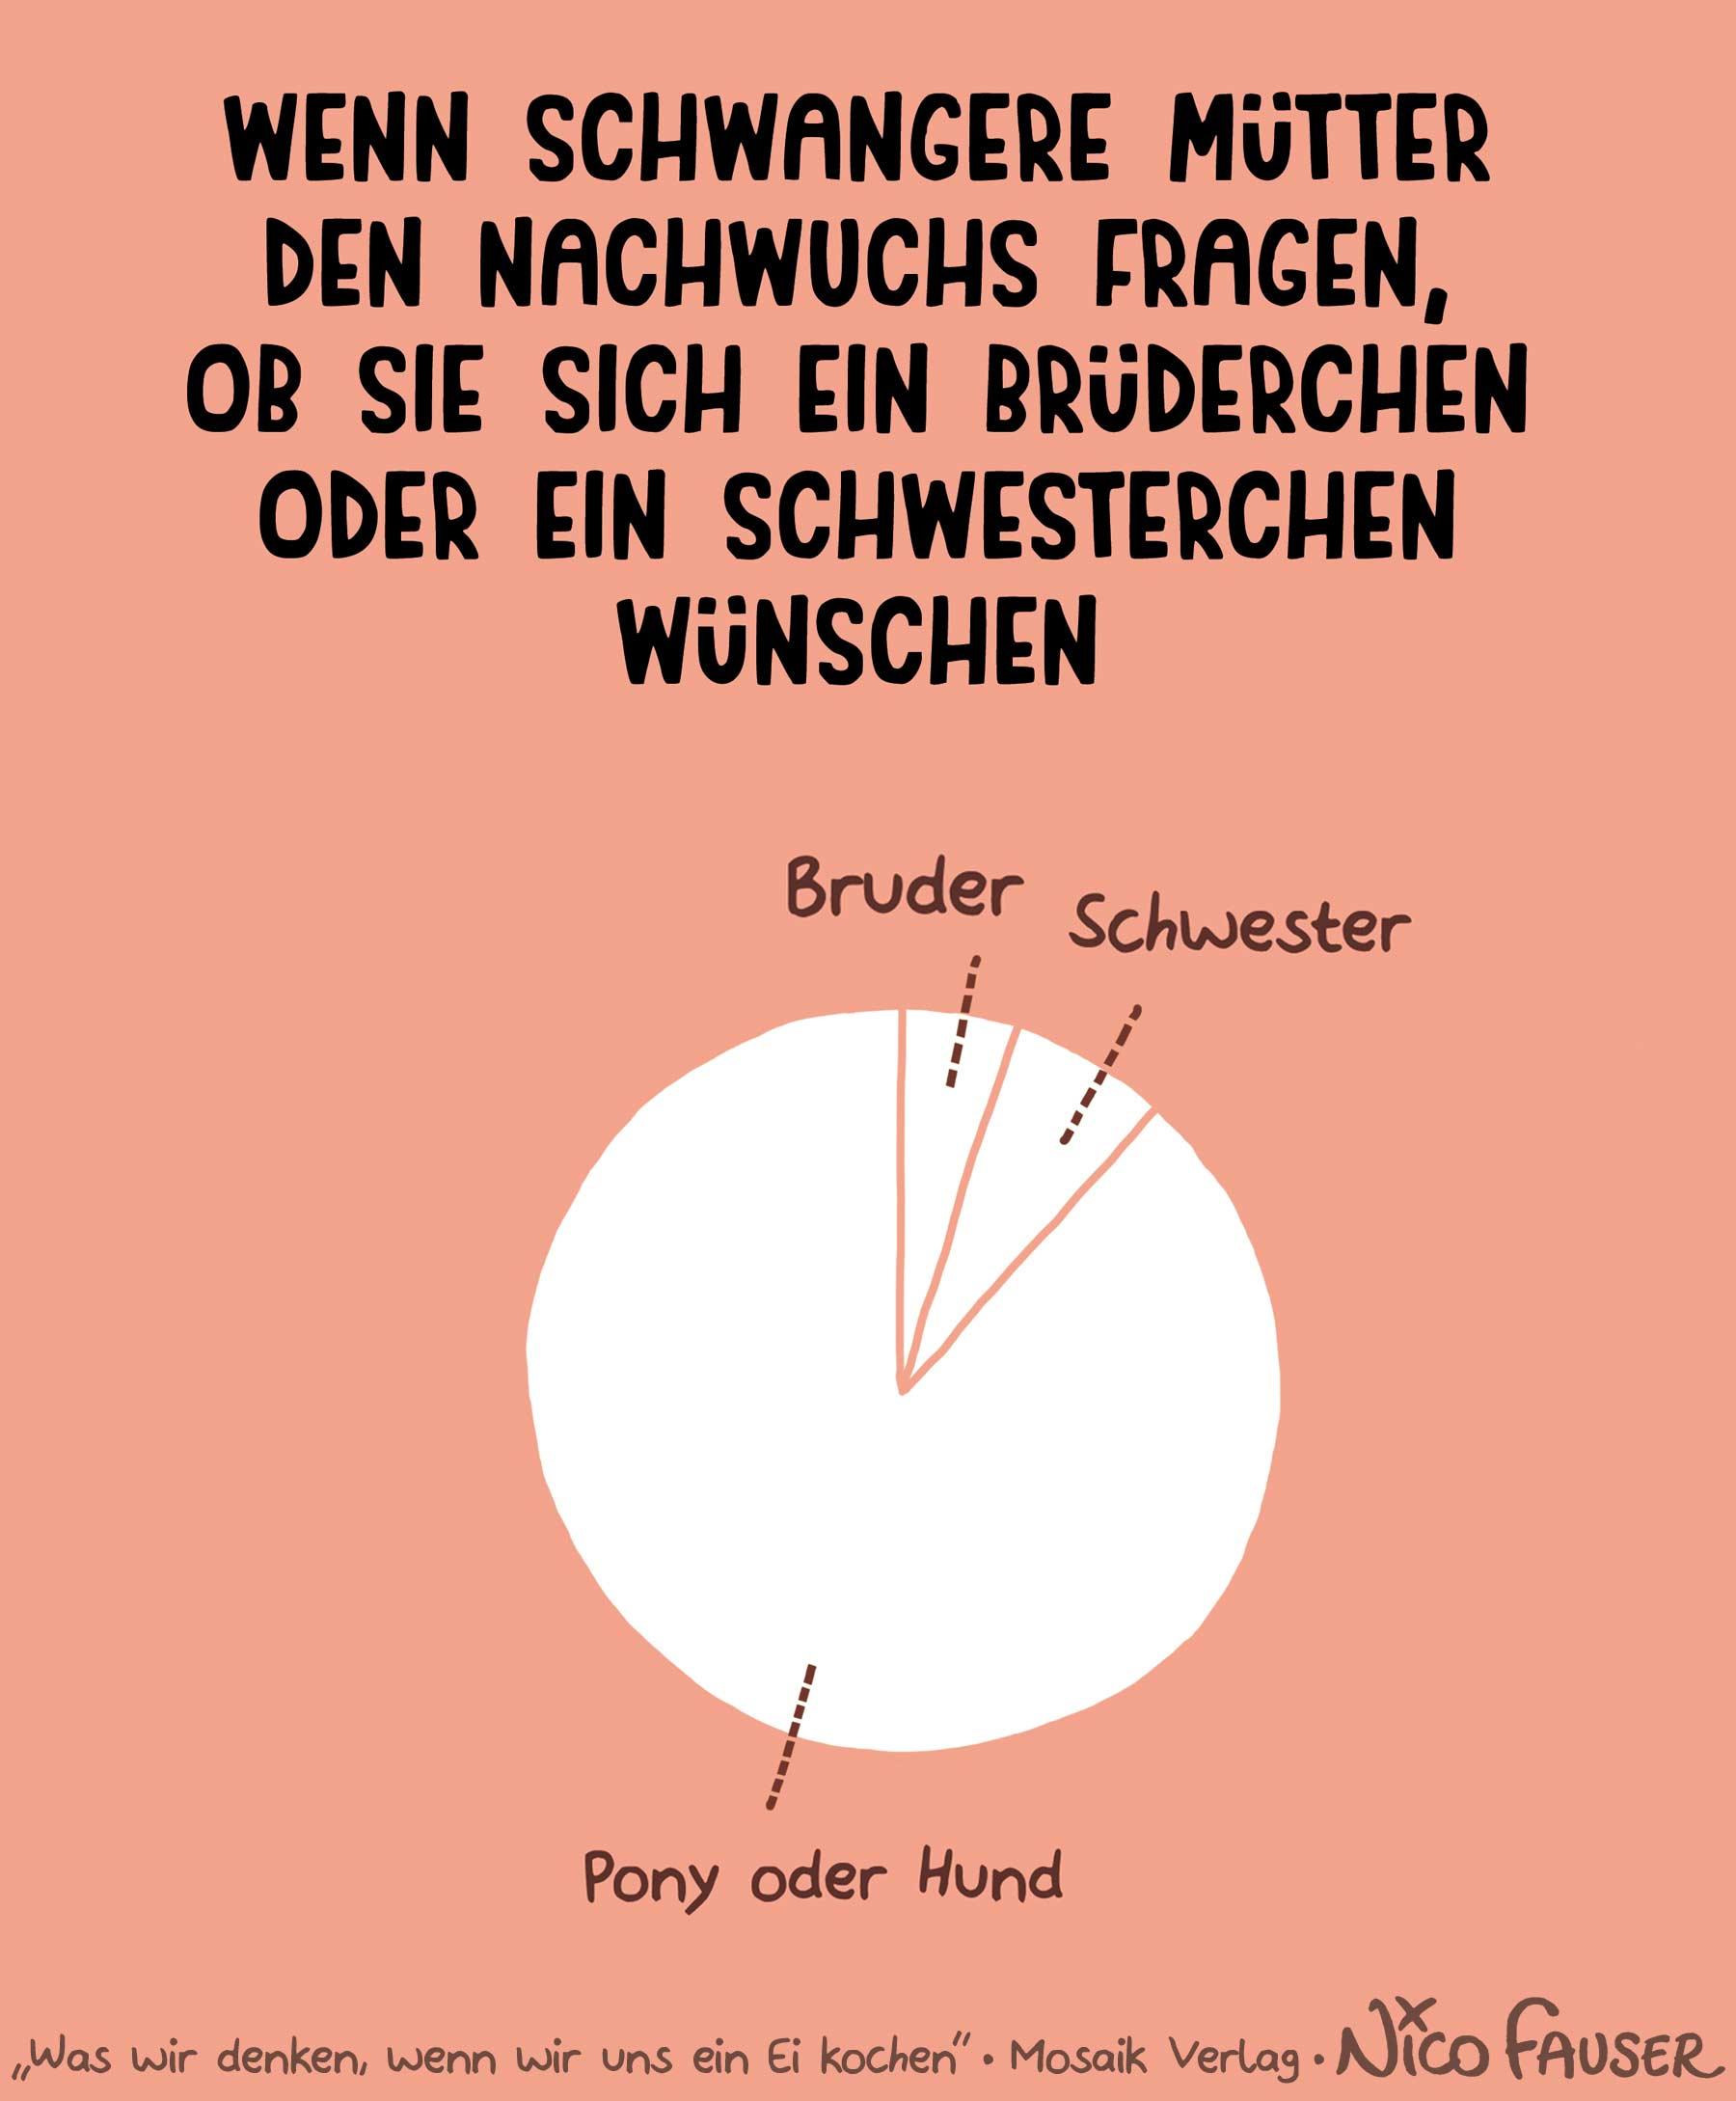 Nico Fauser erklärt den Irrsinn des Lebens in Grafiken Was-wir-denken-wenn-wir-uns-ein-ei-kochen-Nico-Fauser_07